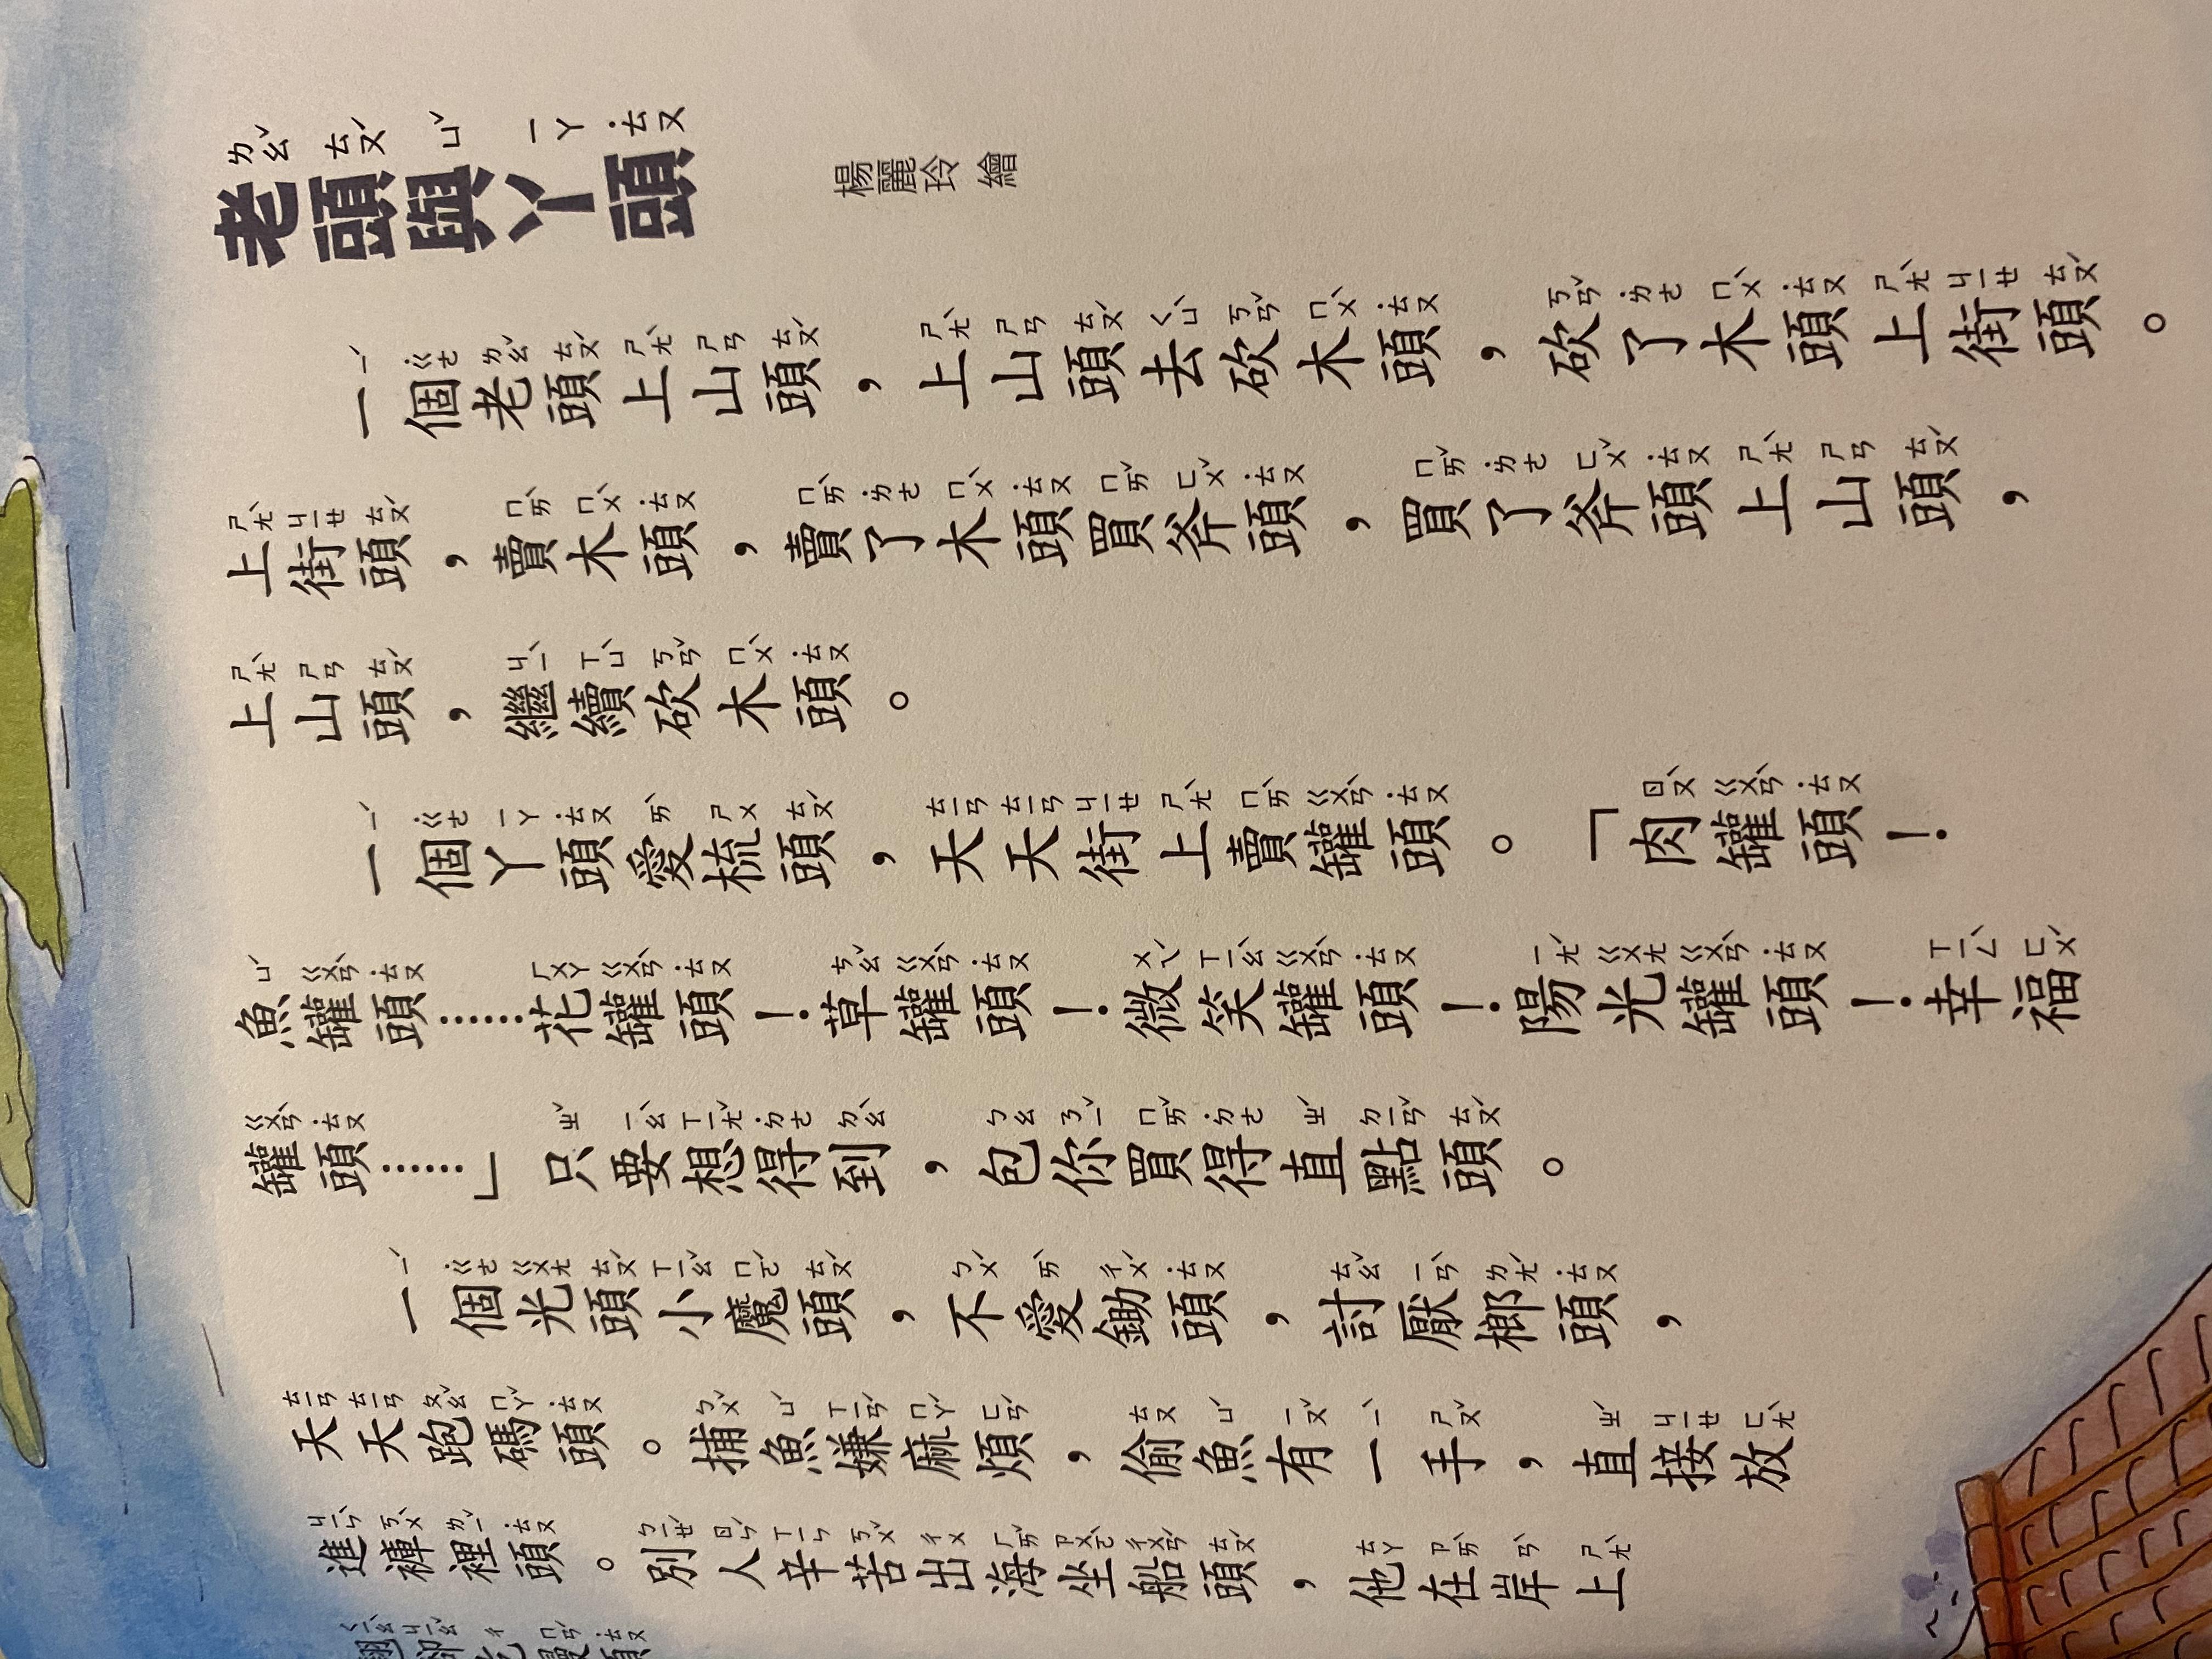 S3-121/ 老頭與丫頭/ 字的主題樂園/ 巴巴國王變變變/ 文 林世仁/ 圖 楊麗玲 鄭淑芬 黃文玉